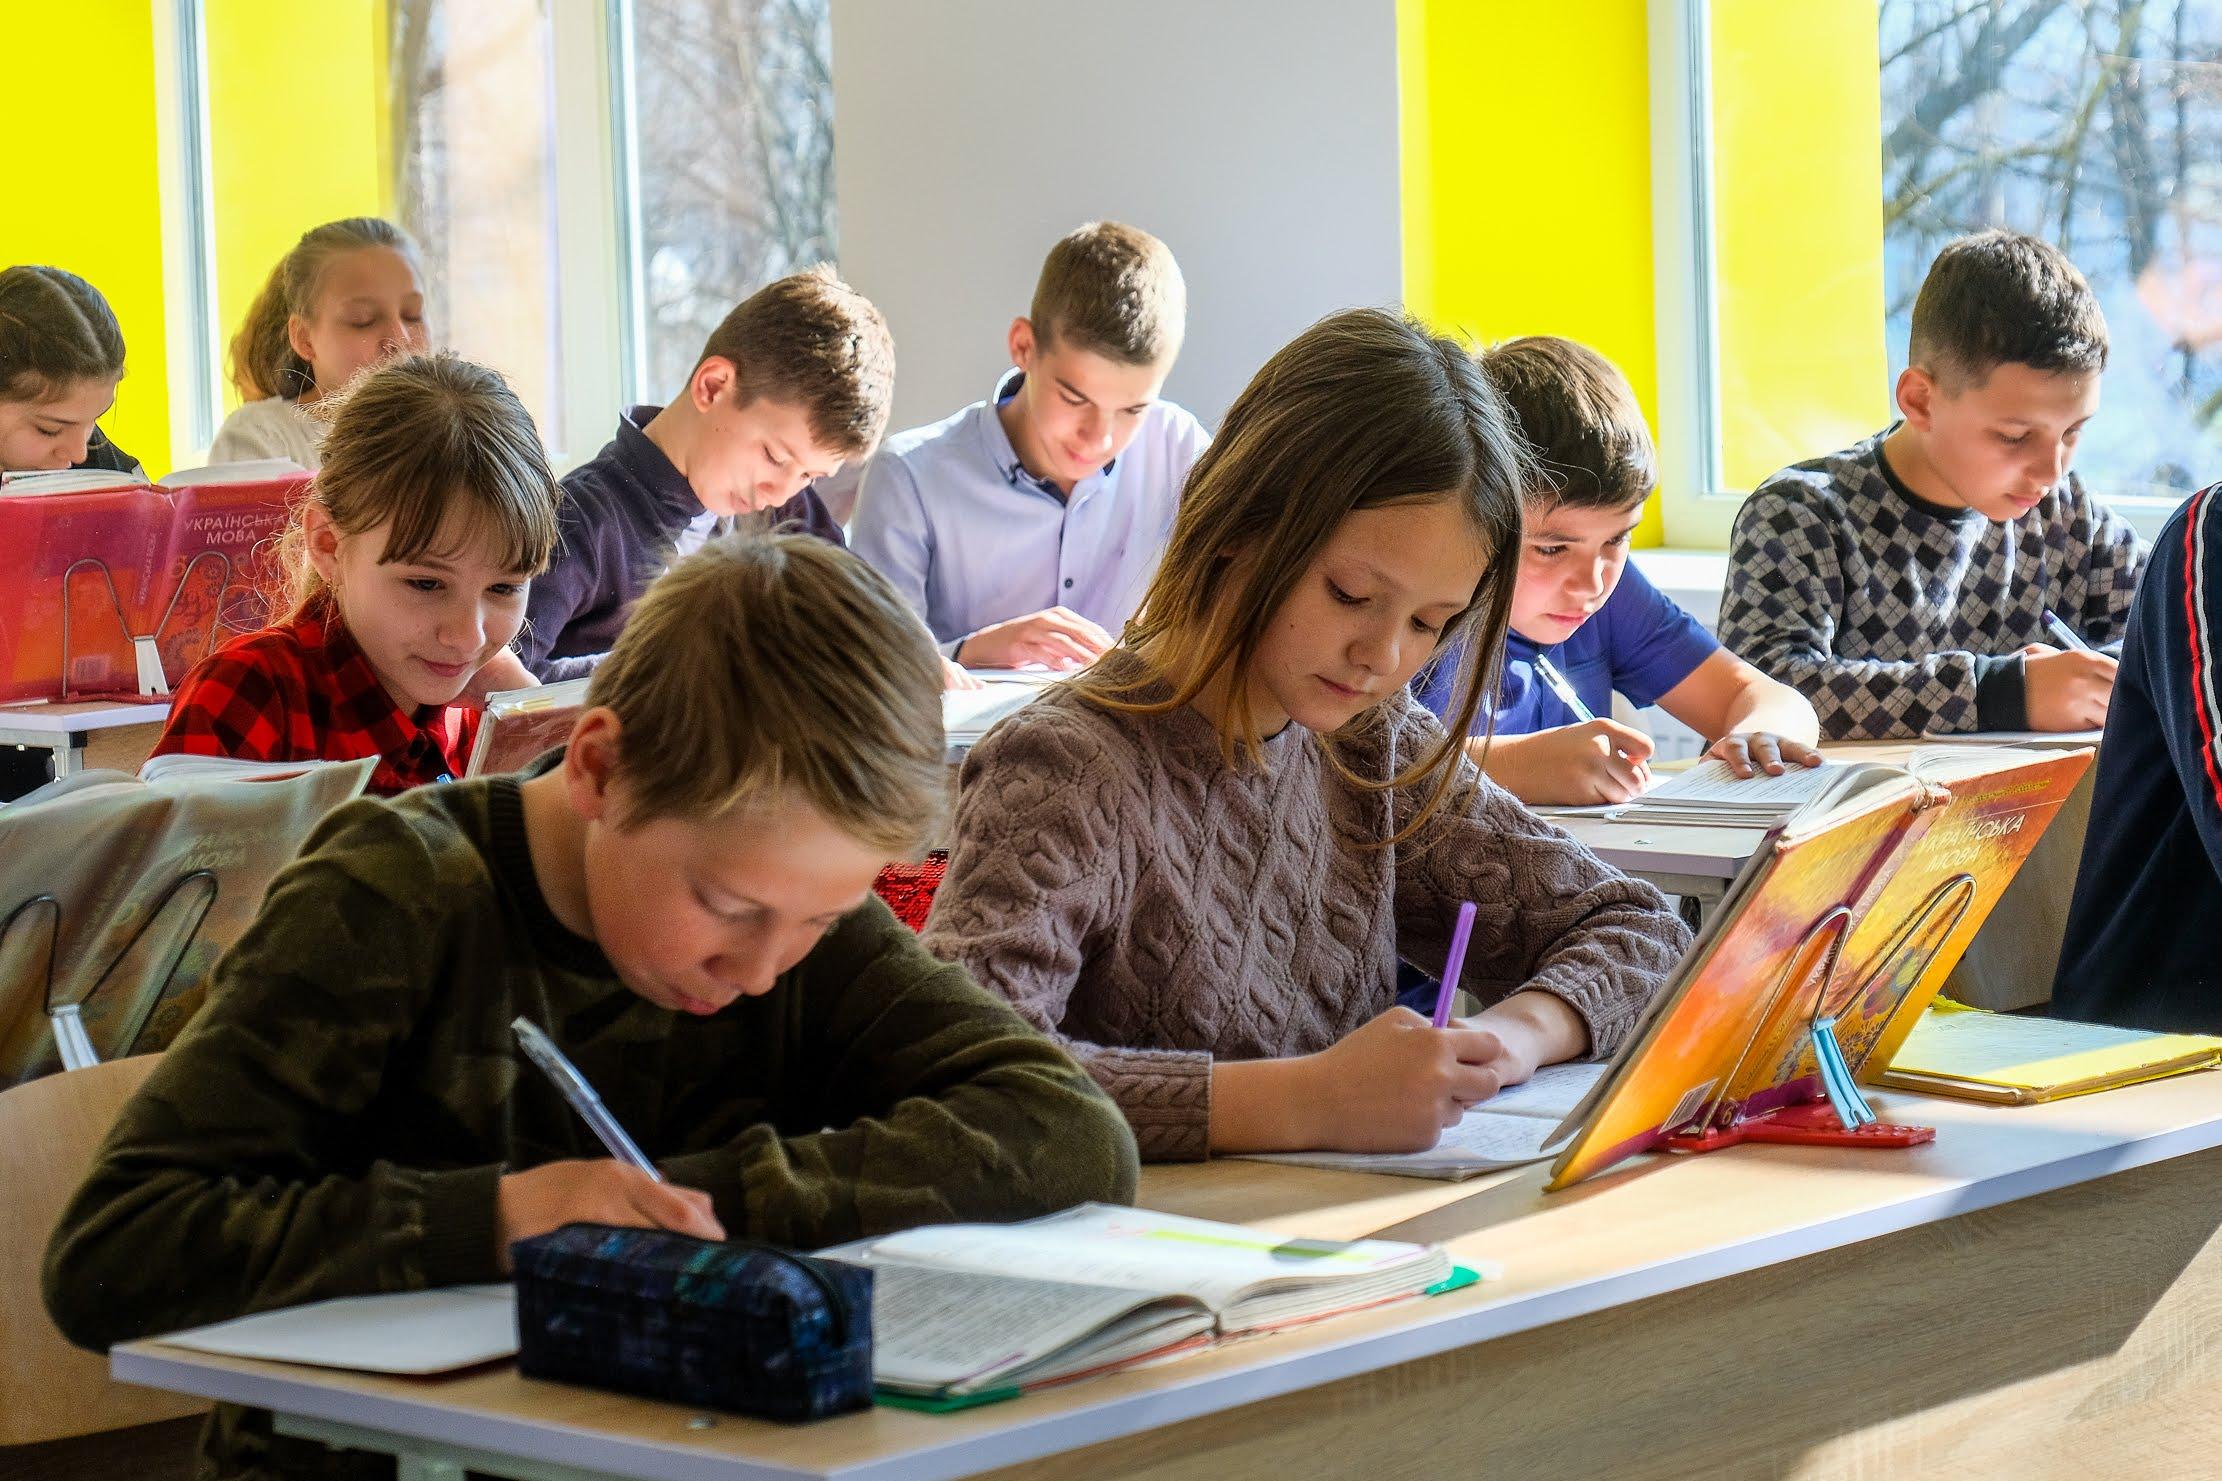 Іларіонівська опорна школа – найбільша в Синельниківському районі